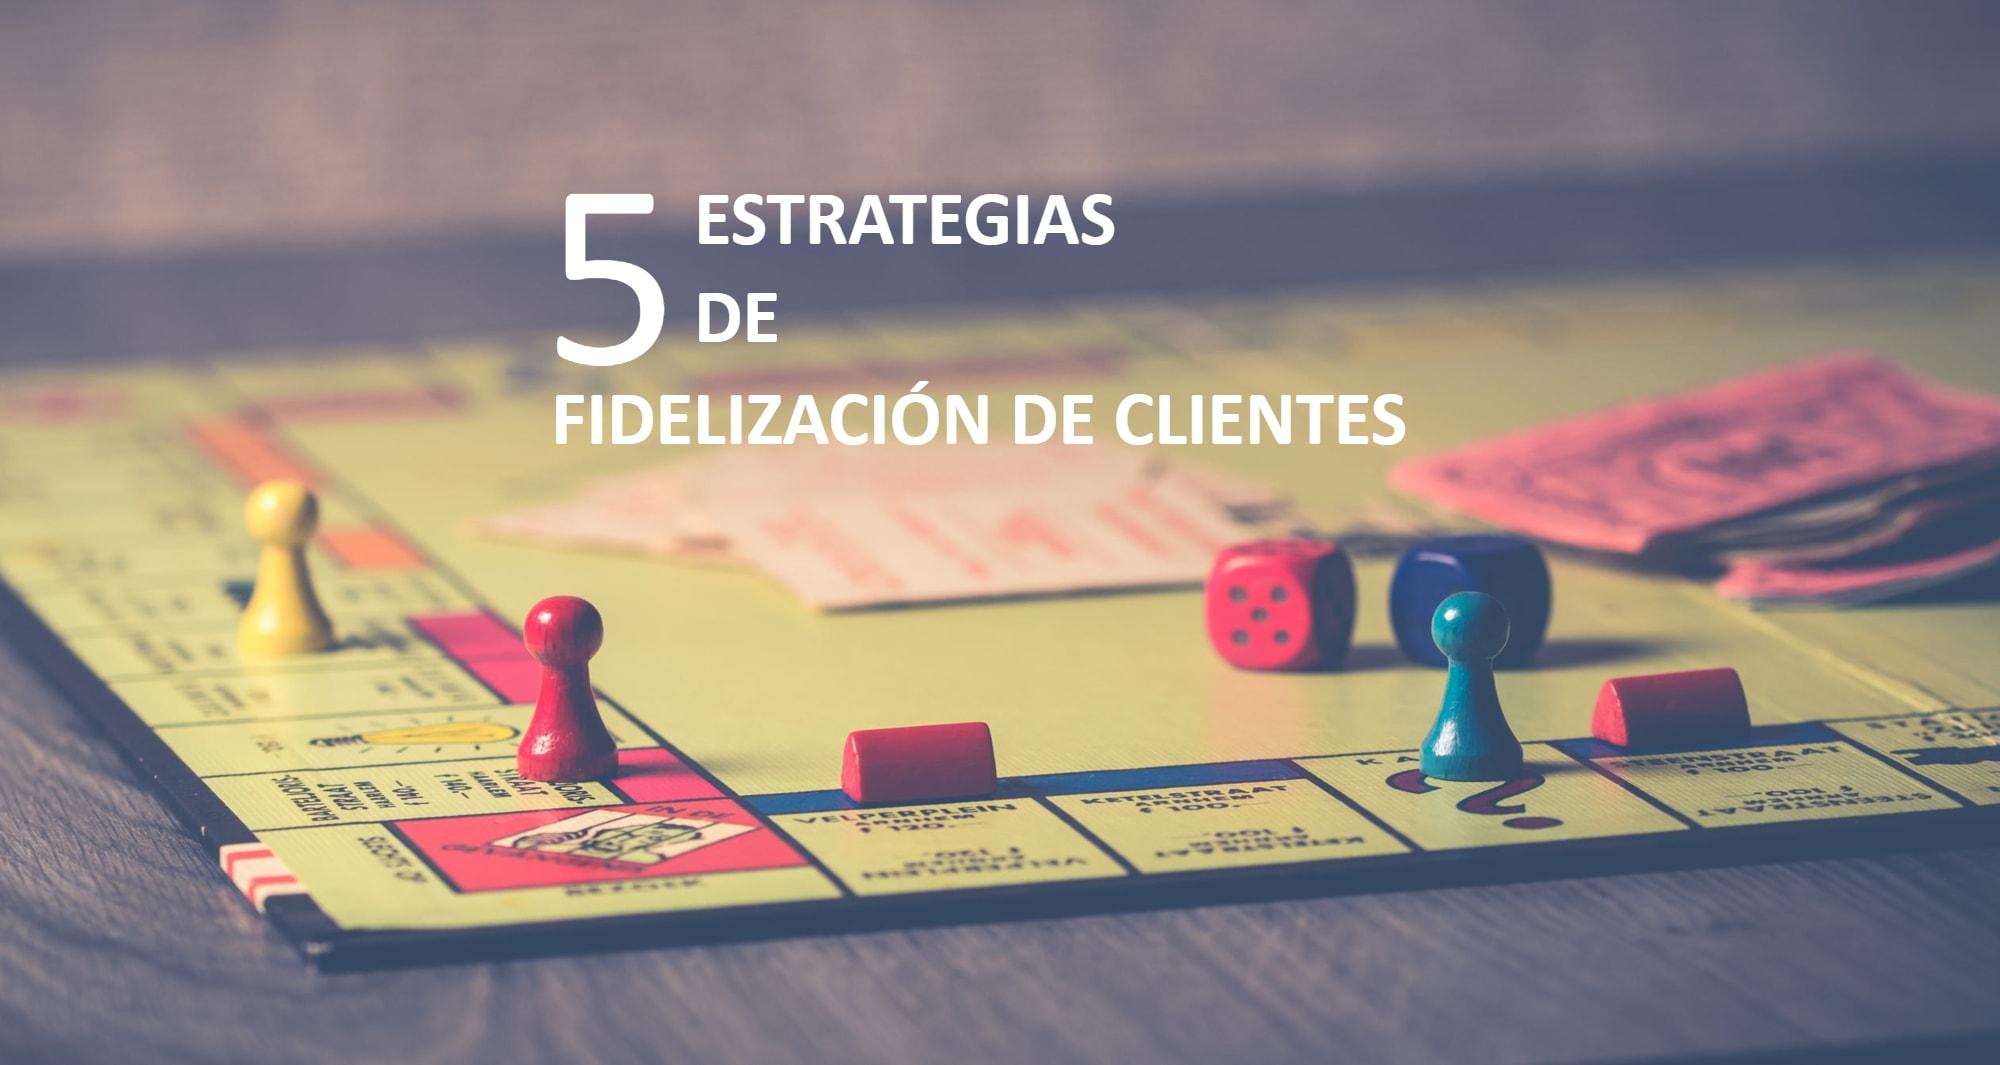 5 Estrategias de Fidelización de clientes